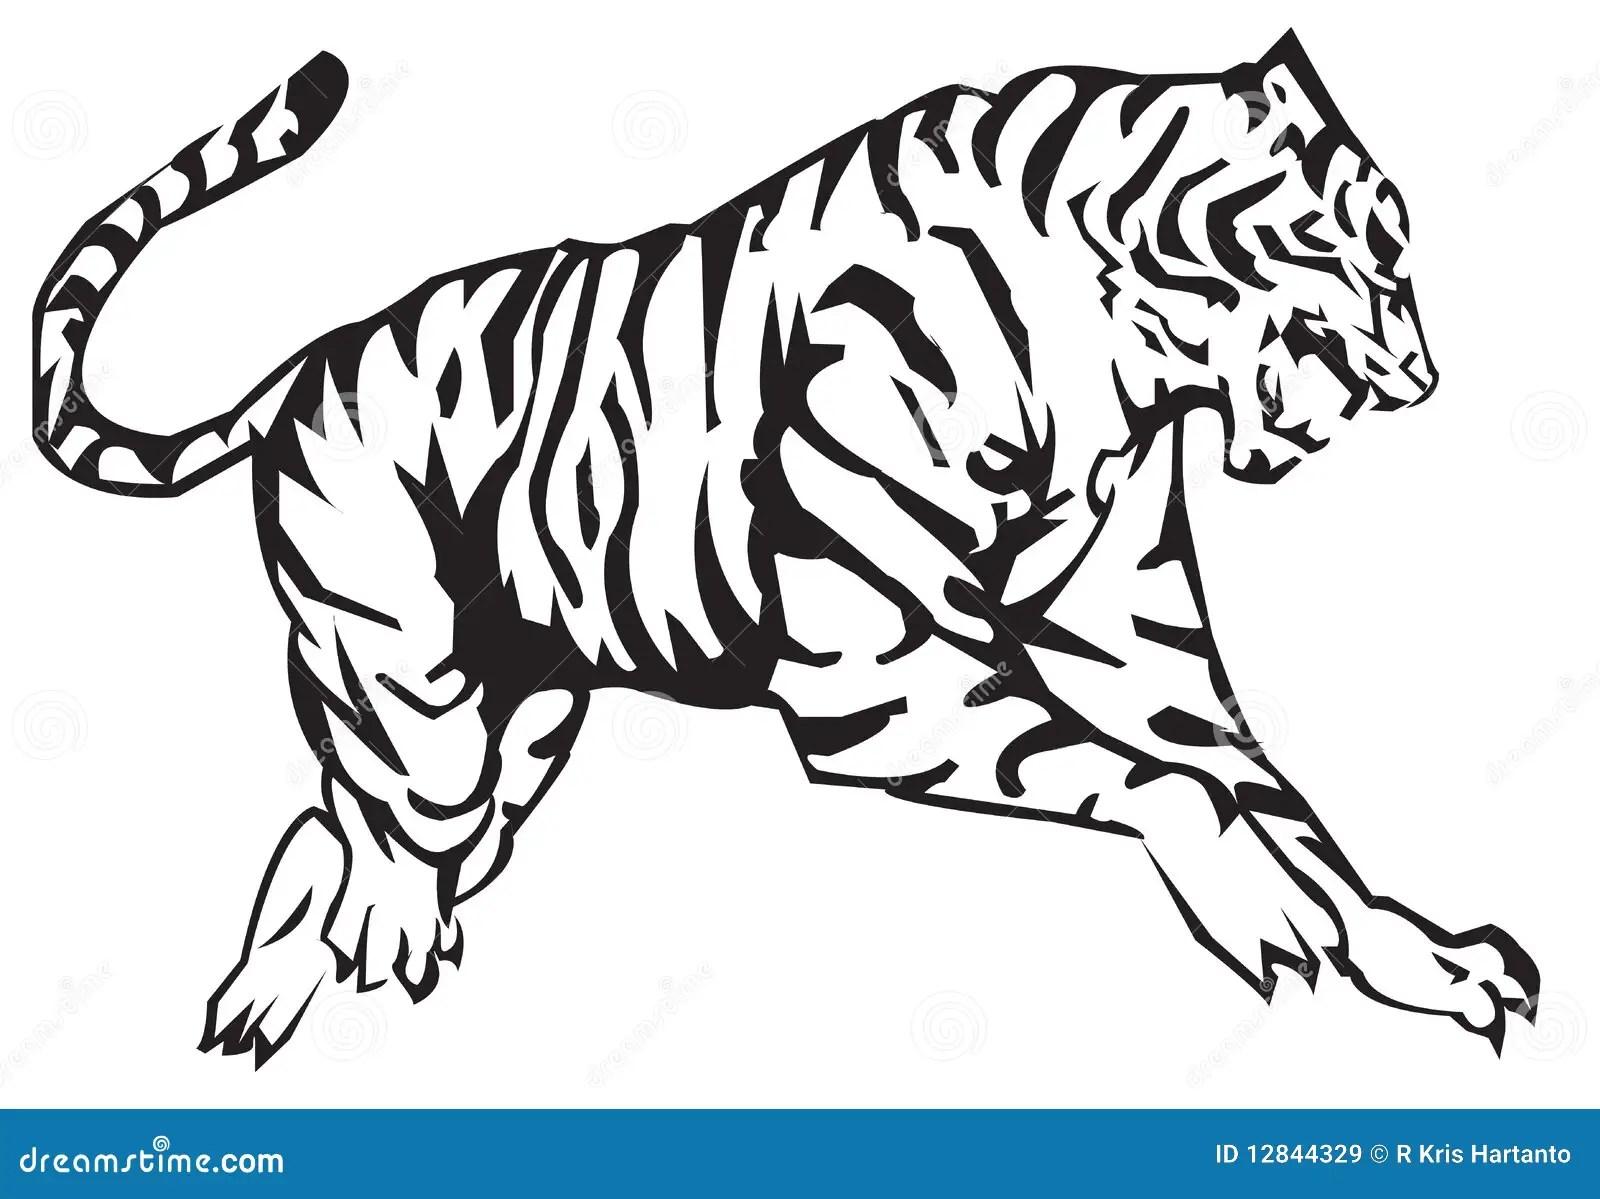 Tiger-Tierkreis vektor abbildung Illustration von